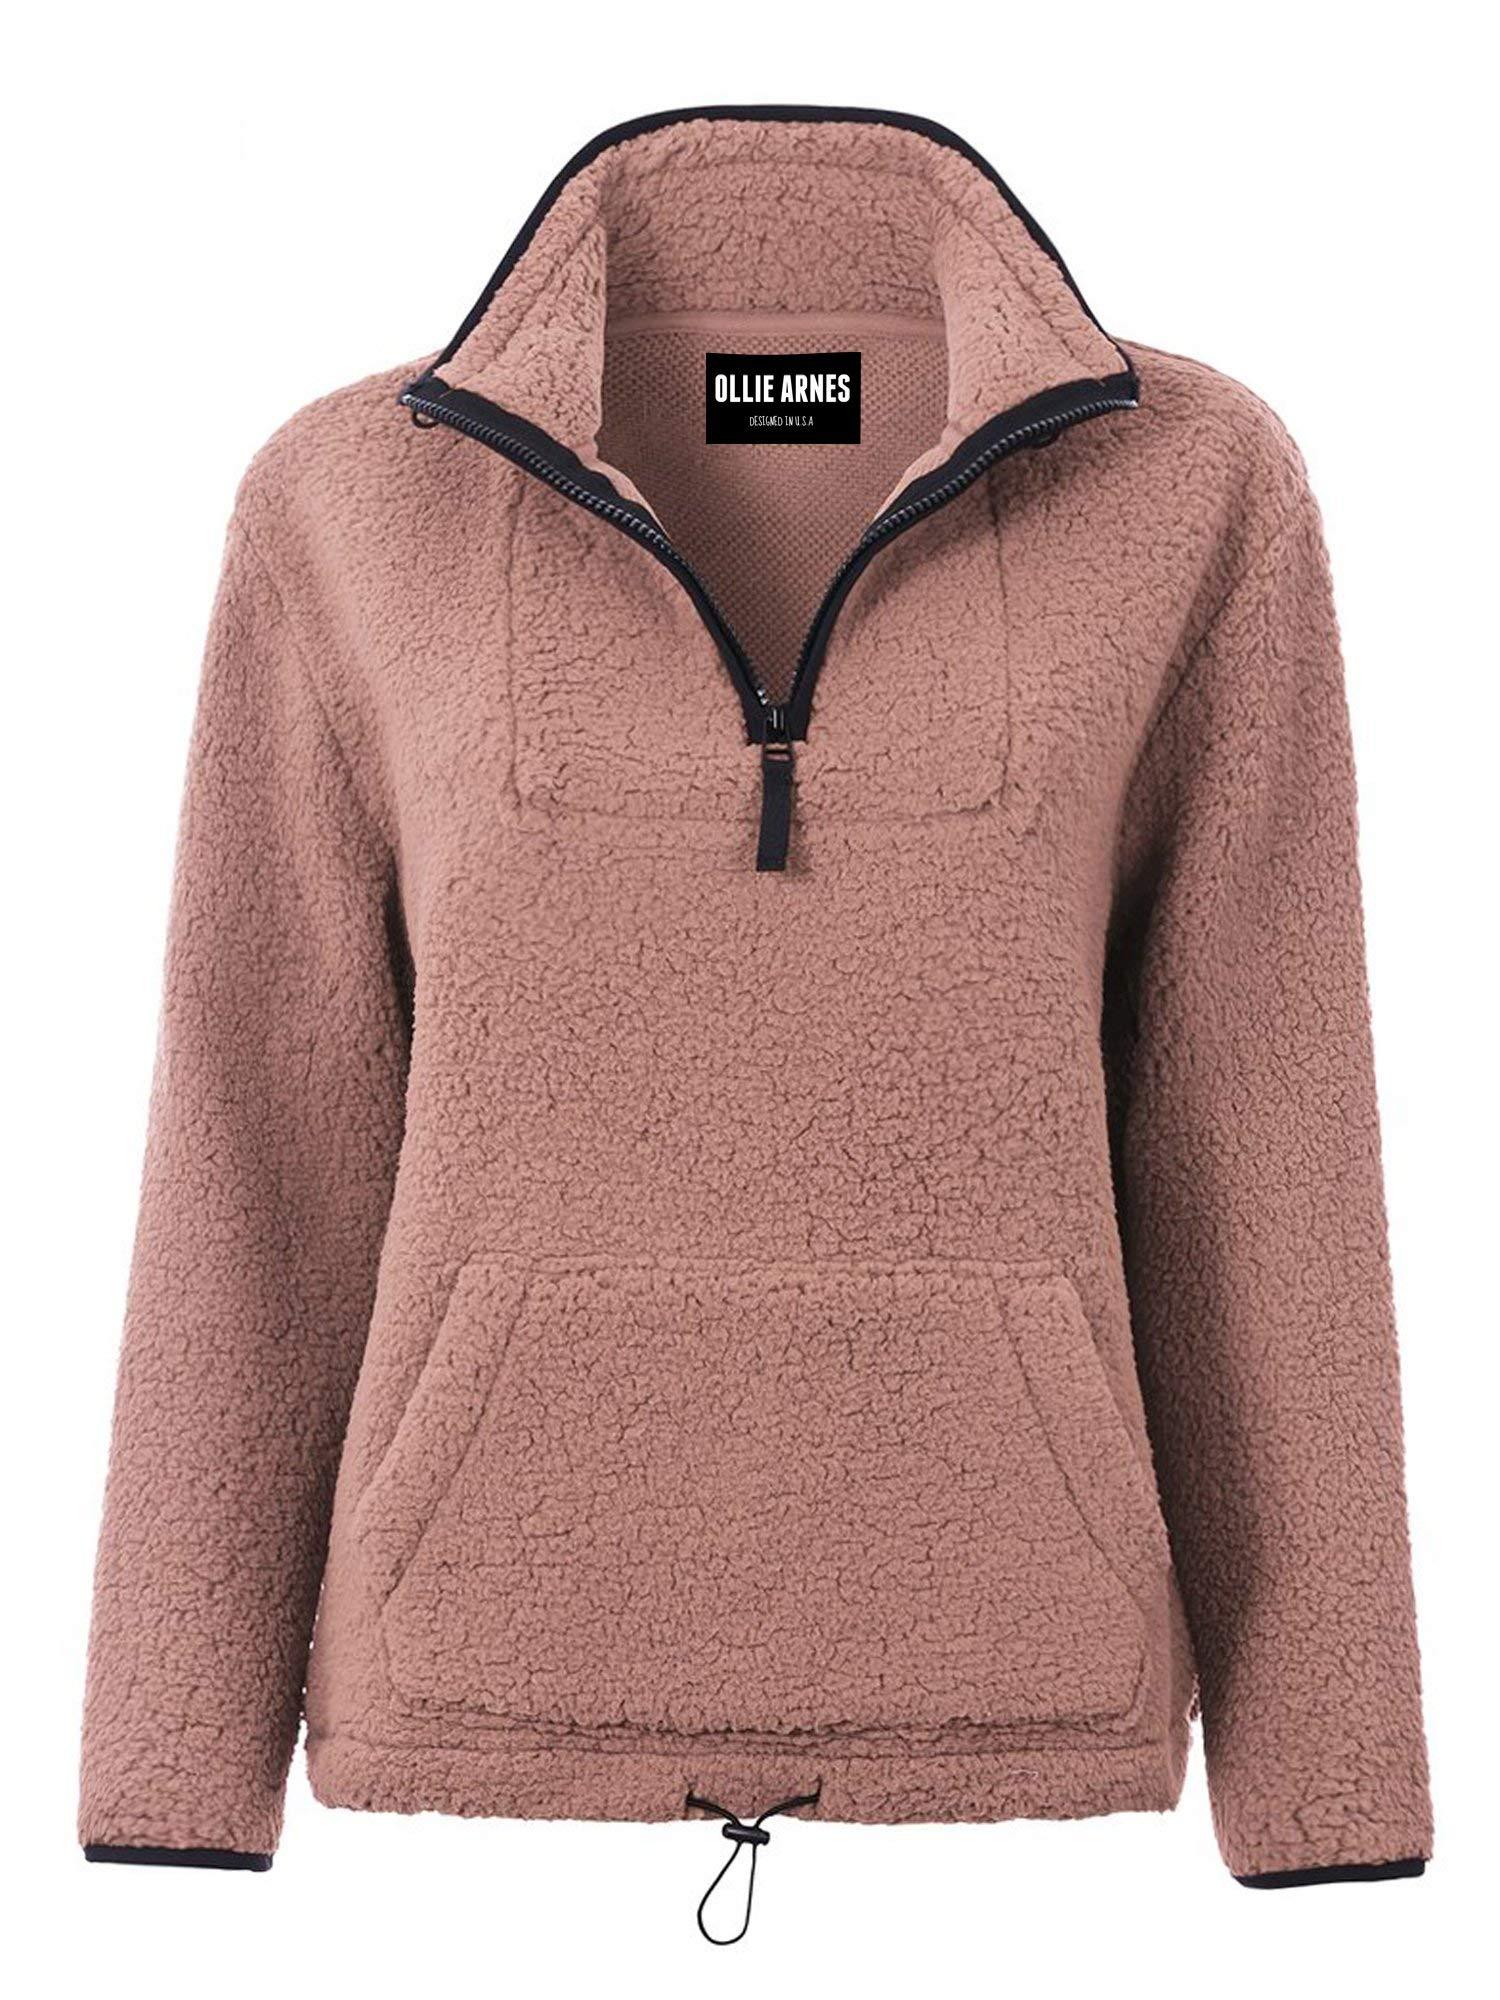 OLLIE ARNES Women's Fuzzy Soft Sherpa Faux Fur Half Zip Pullover Sweater Jacket